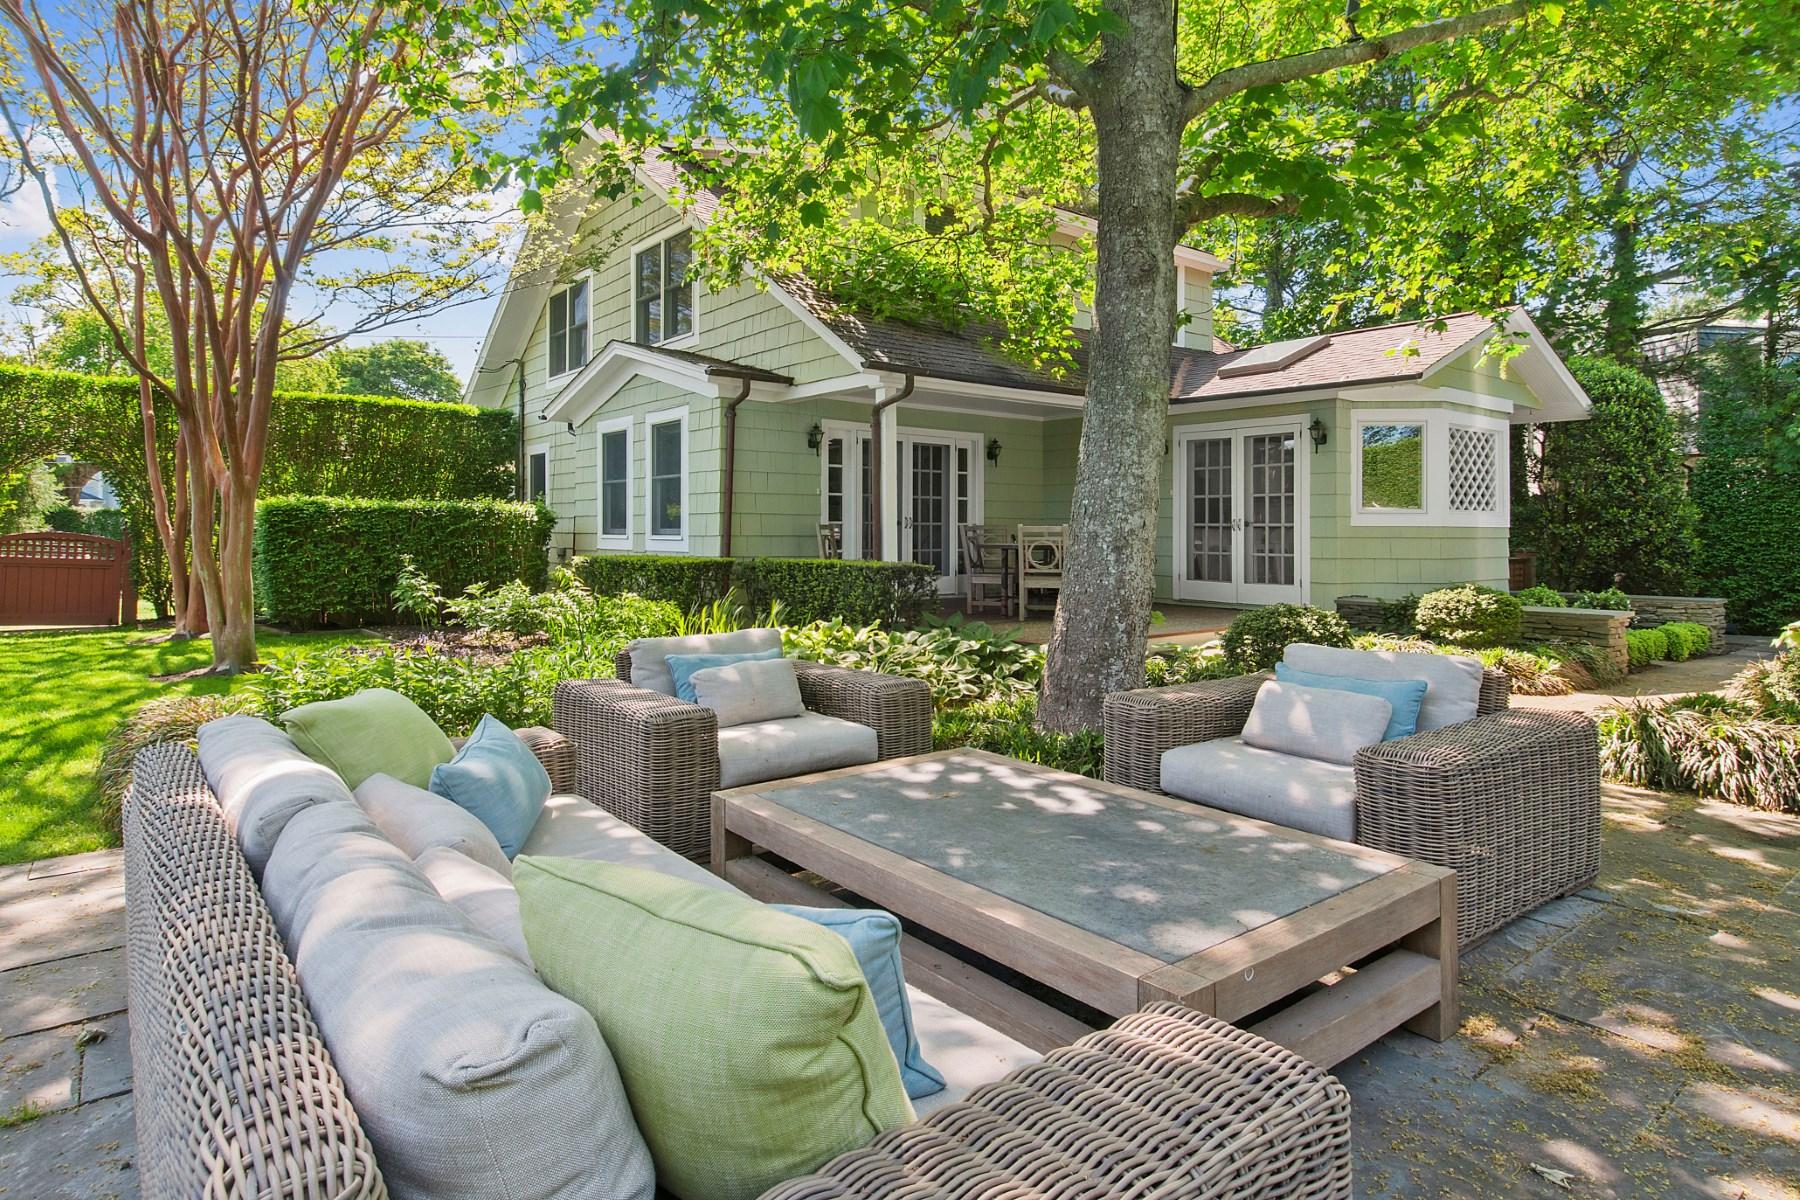 Частный односемейный дом для того Продажа на Newly Renovated with Gorgeous Pool Southampton, Нью-Йорк 11968 Соединенные Штаты